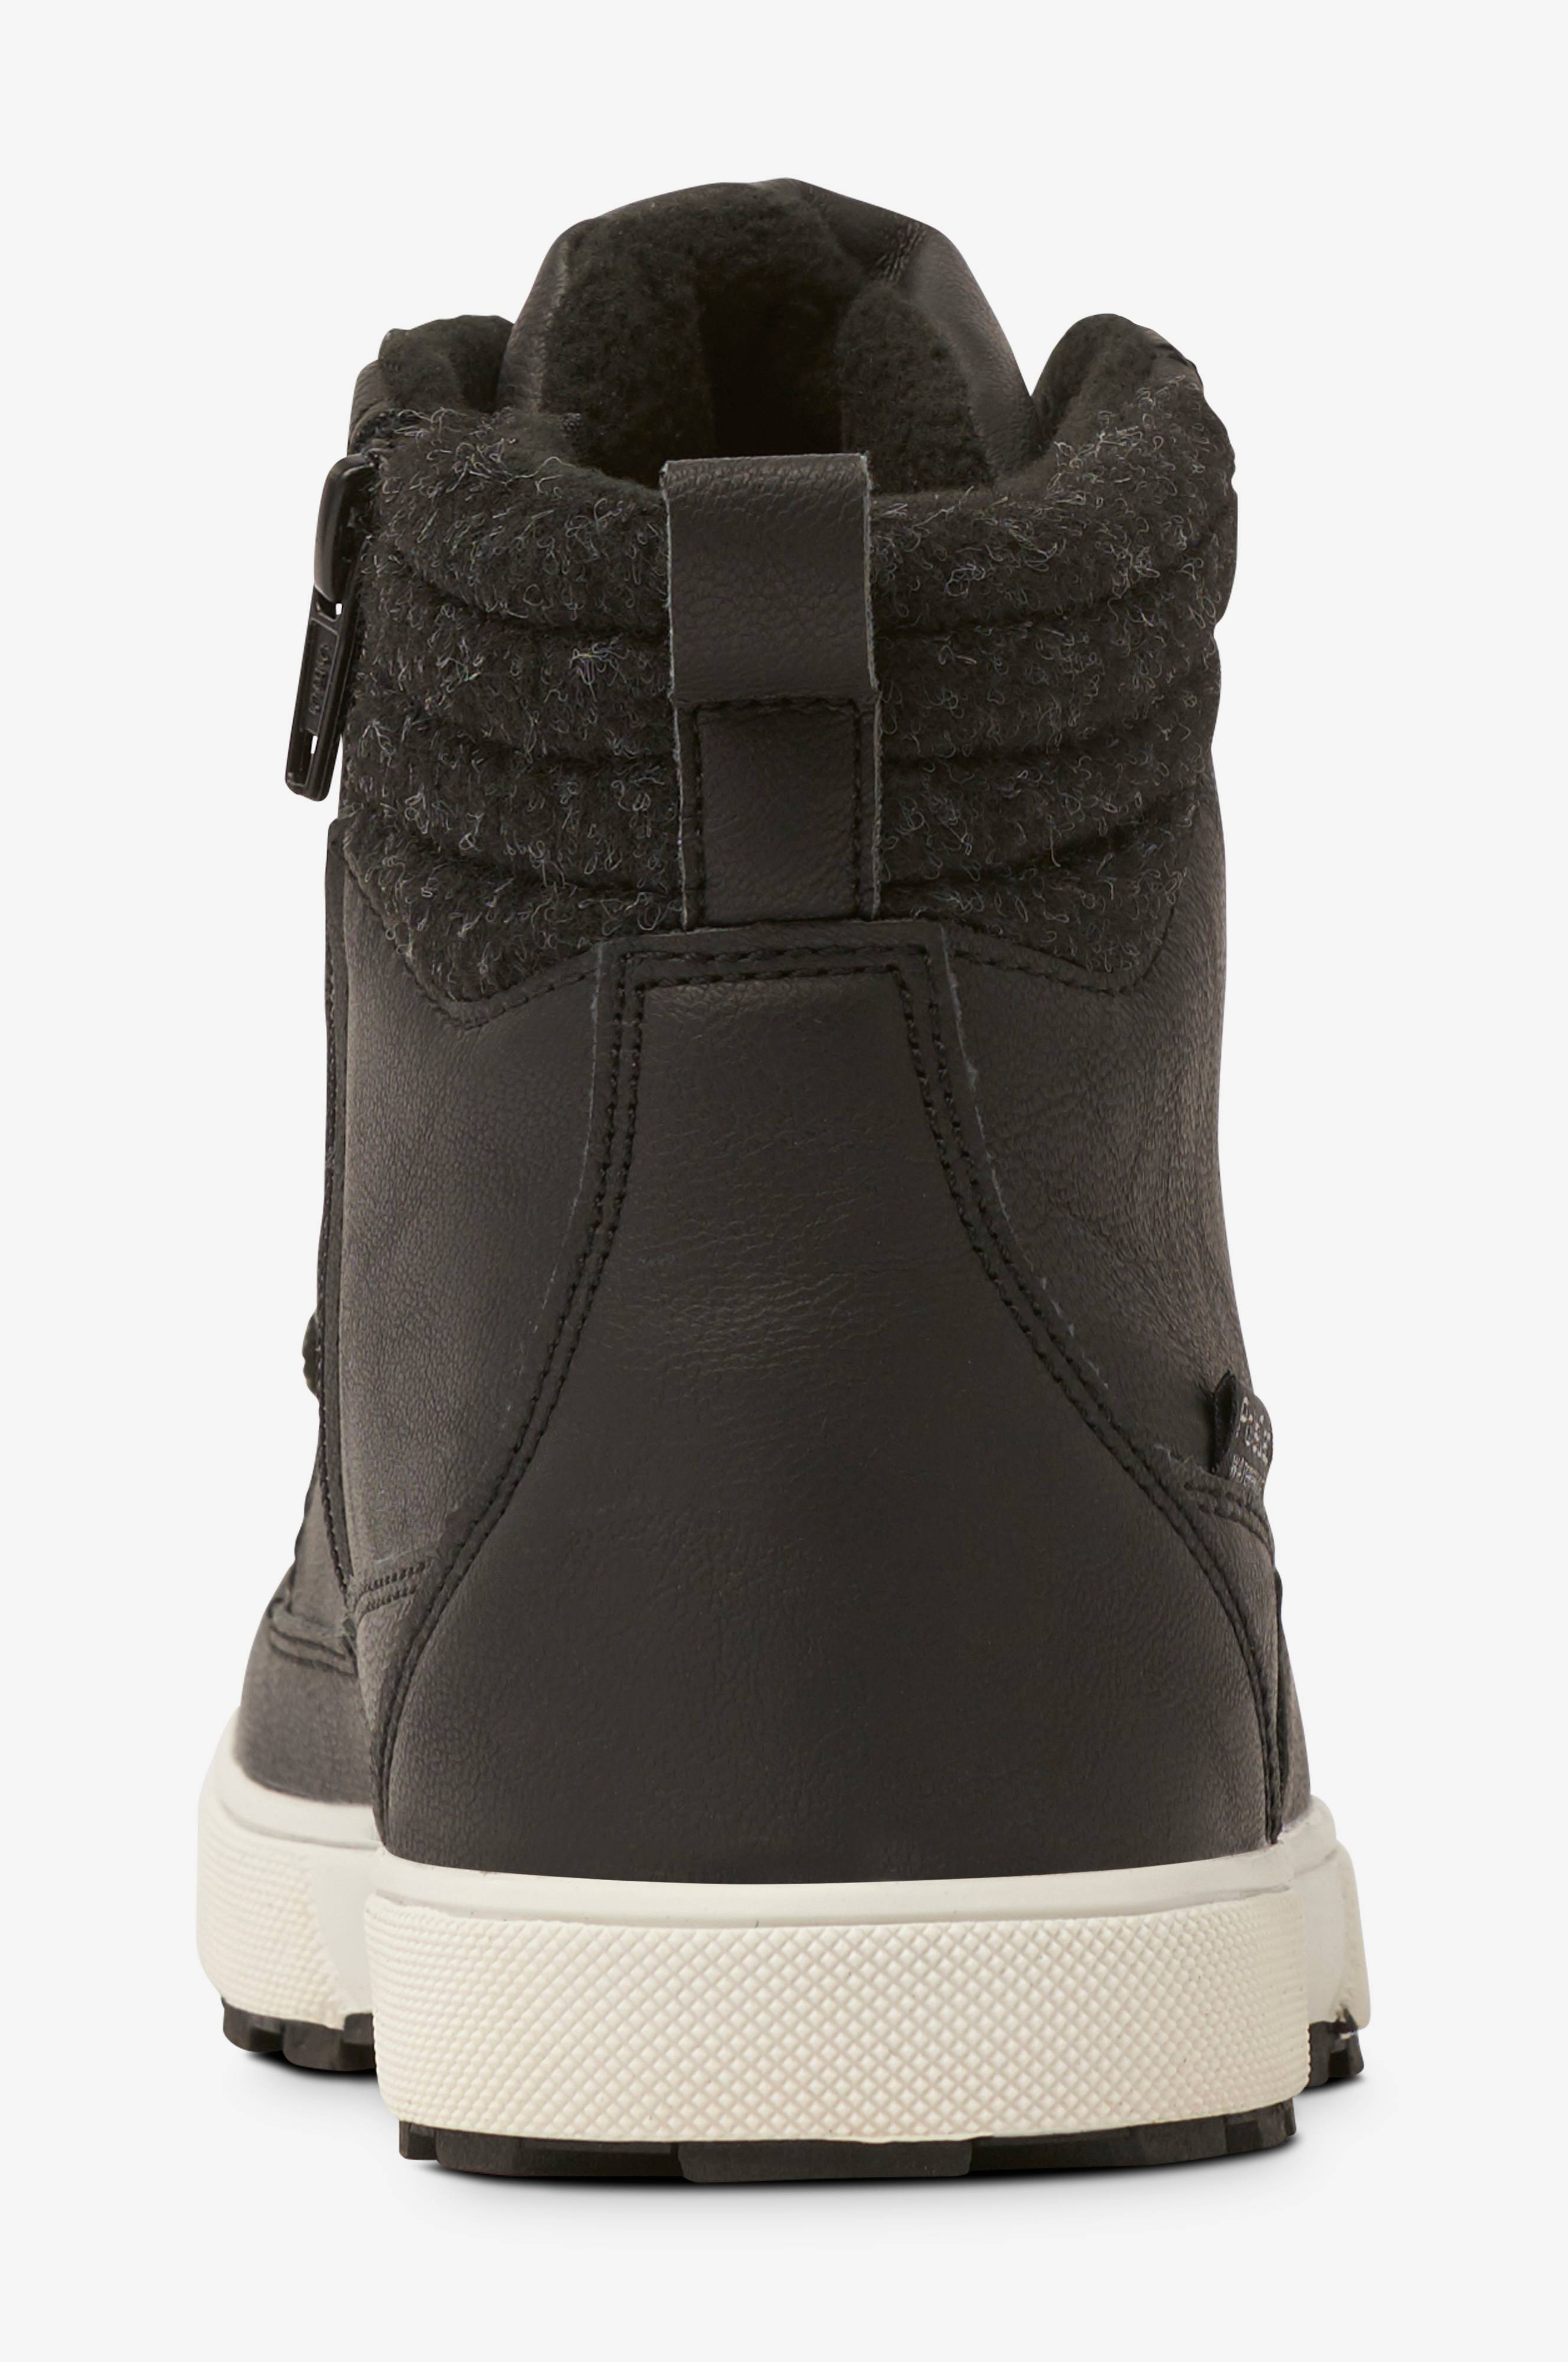 Vinterstøvler, varmforede og vandtætte